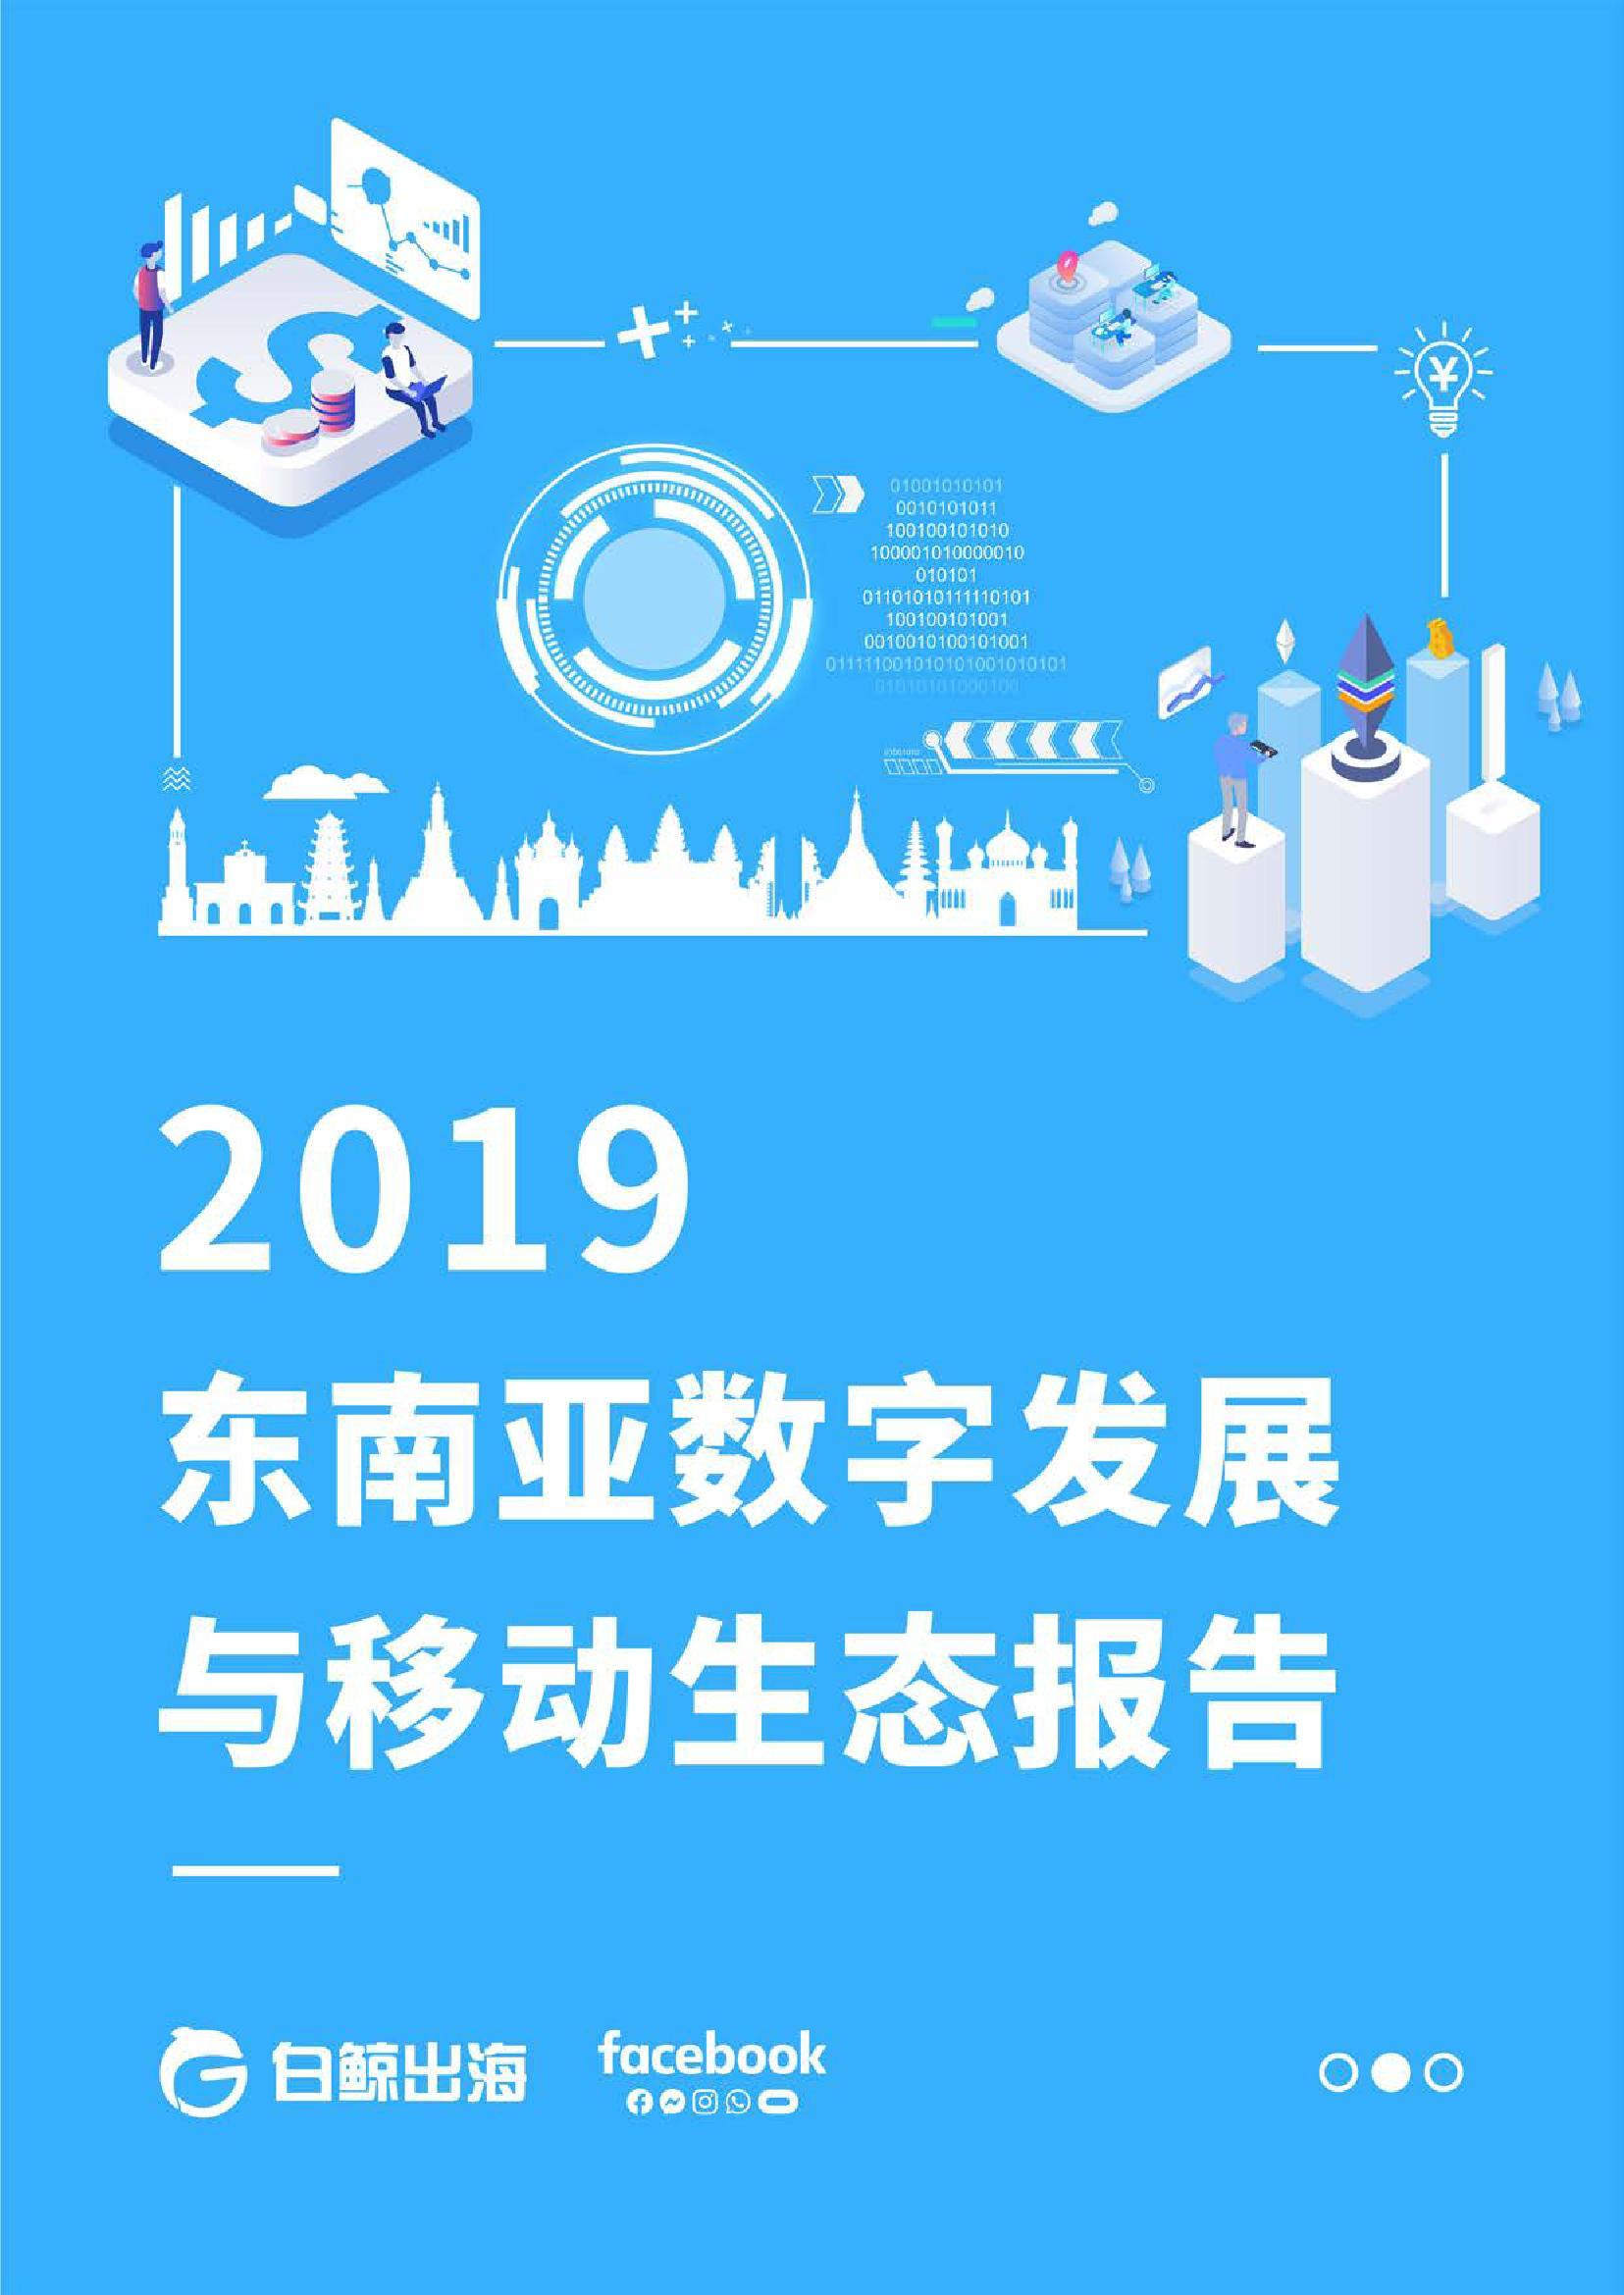 白鲸出海&Facebook:2019东南亚数字发展与移动生态报告(附下载)